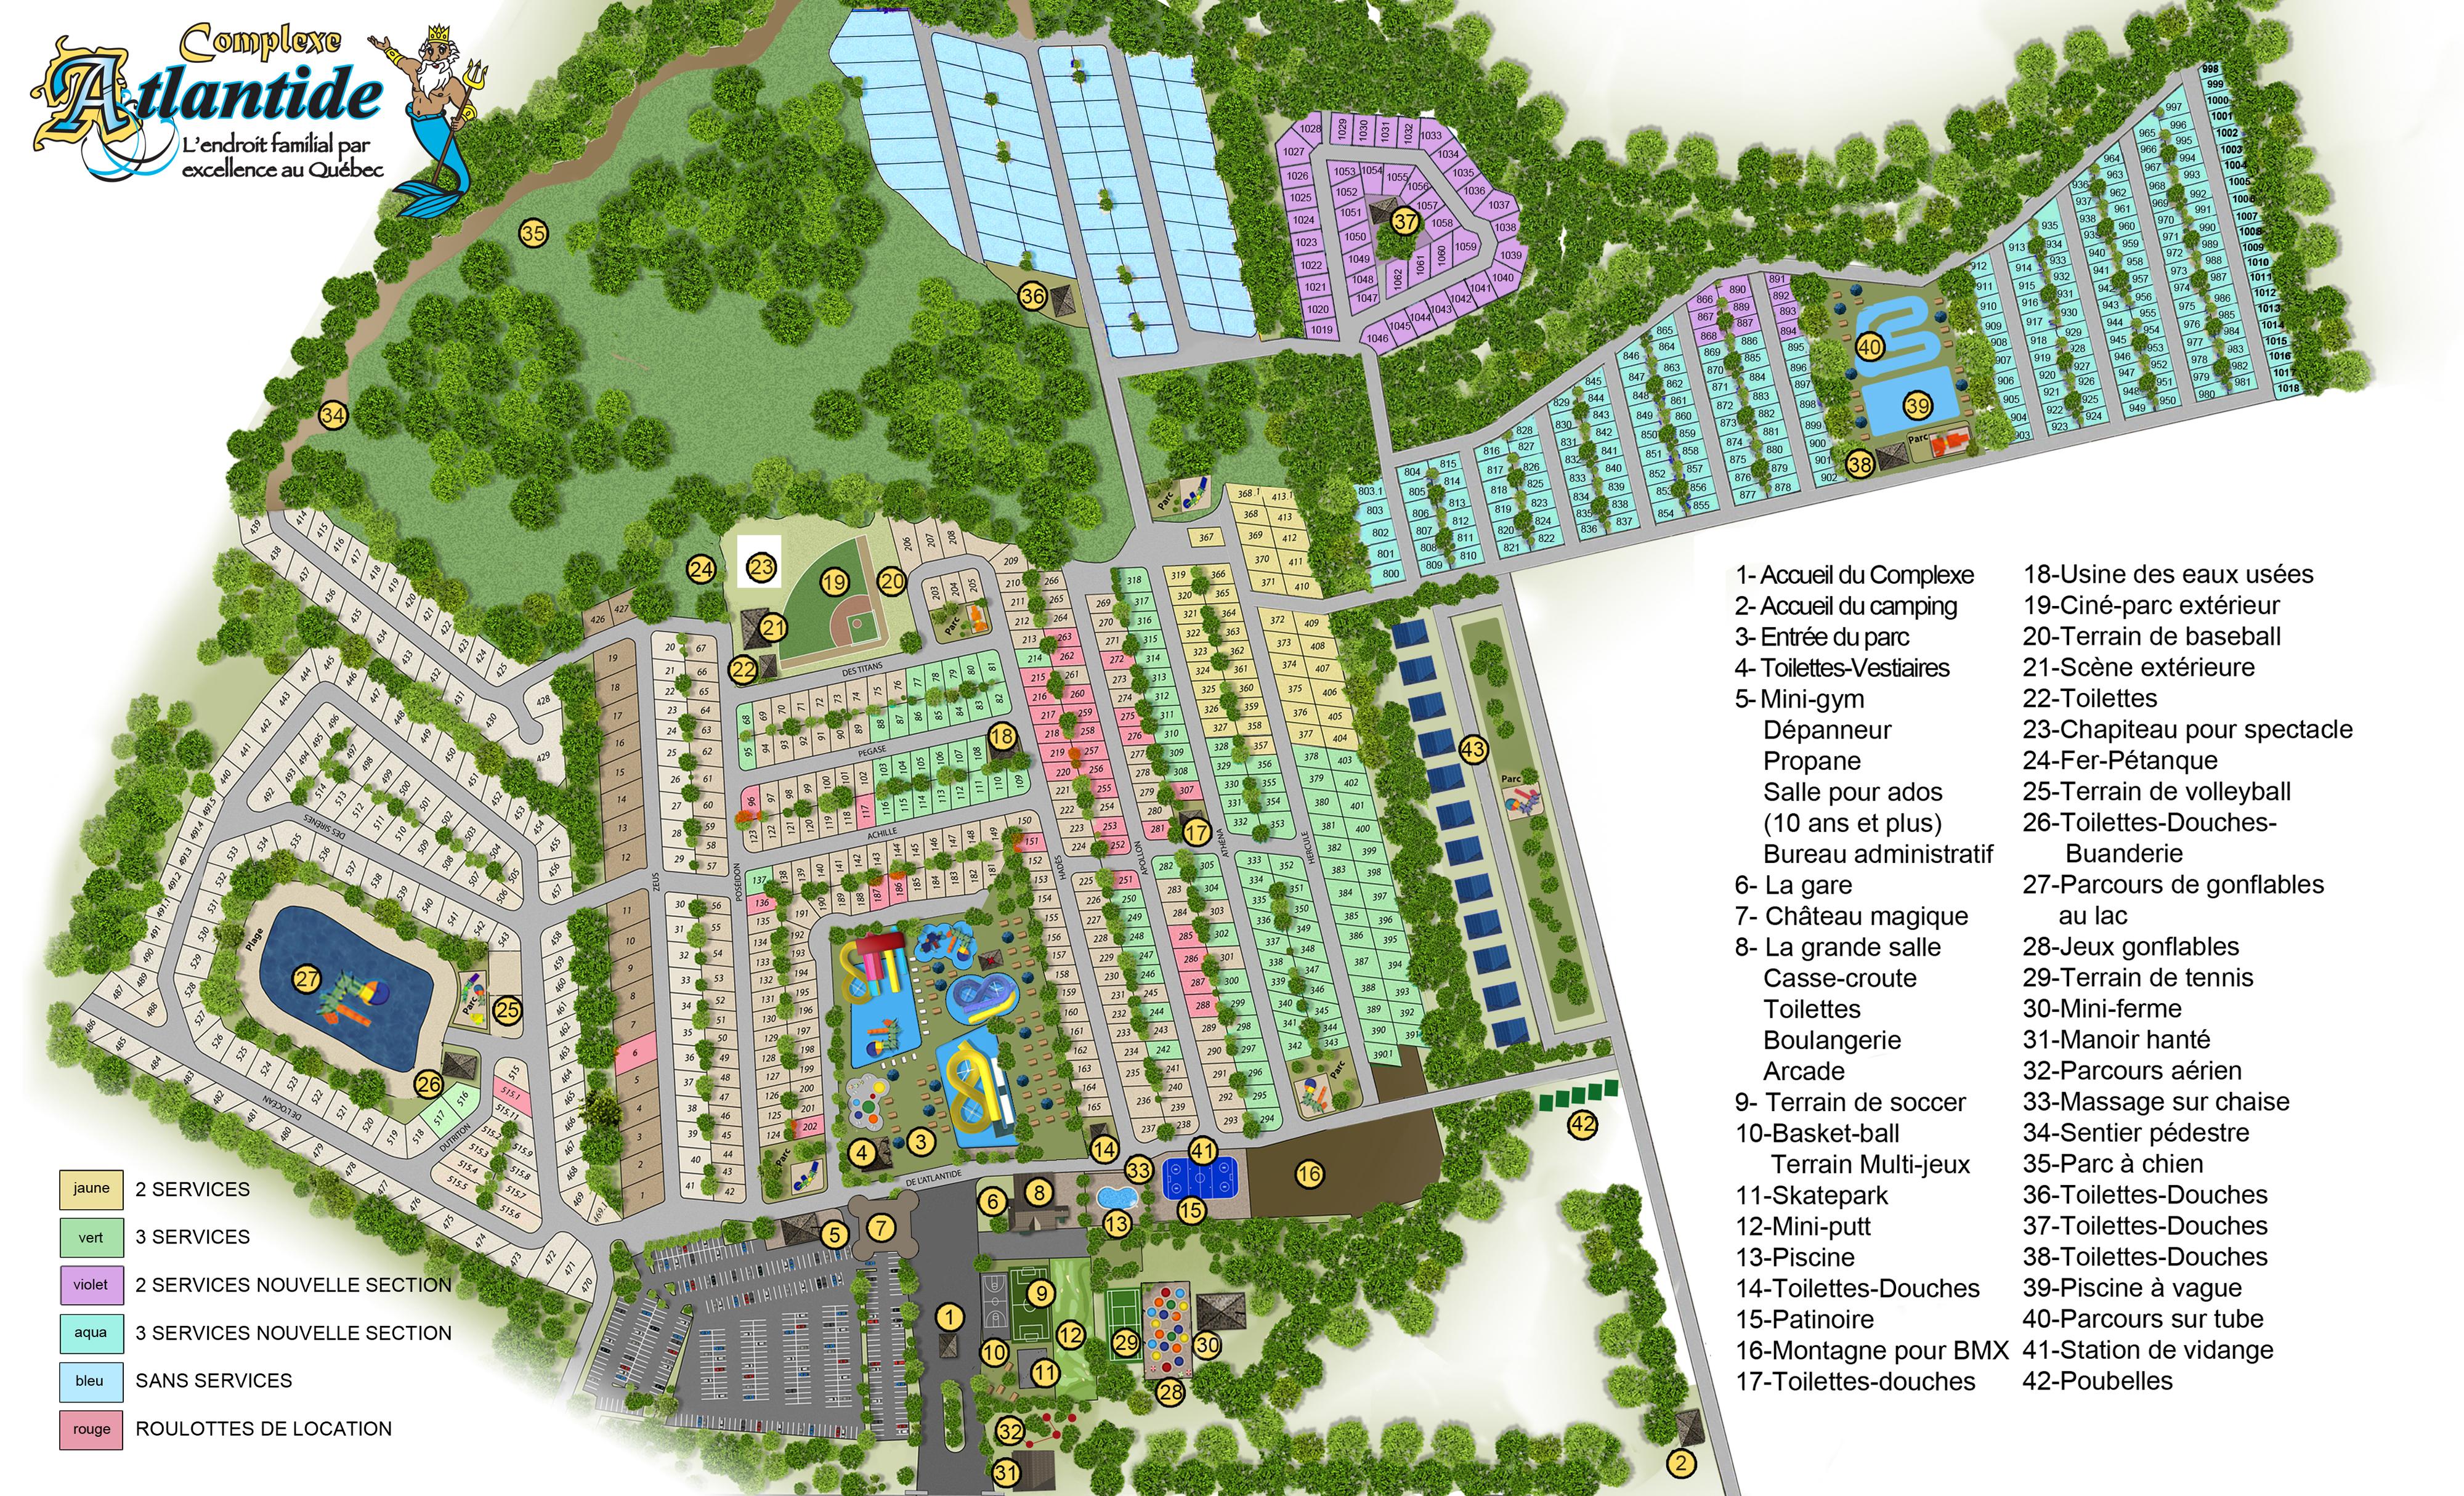 2018-complete-map-terrains-couleur-complexe-alantide-1